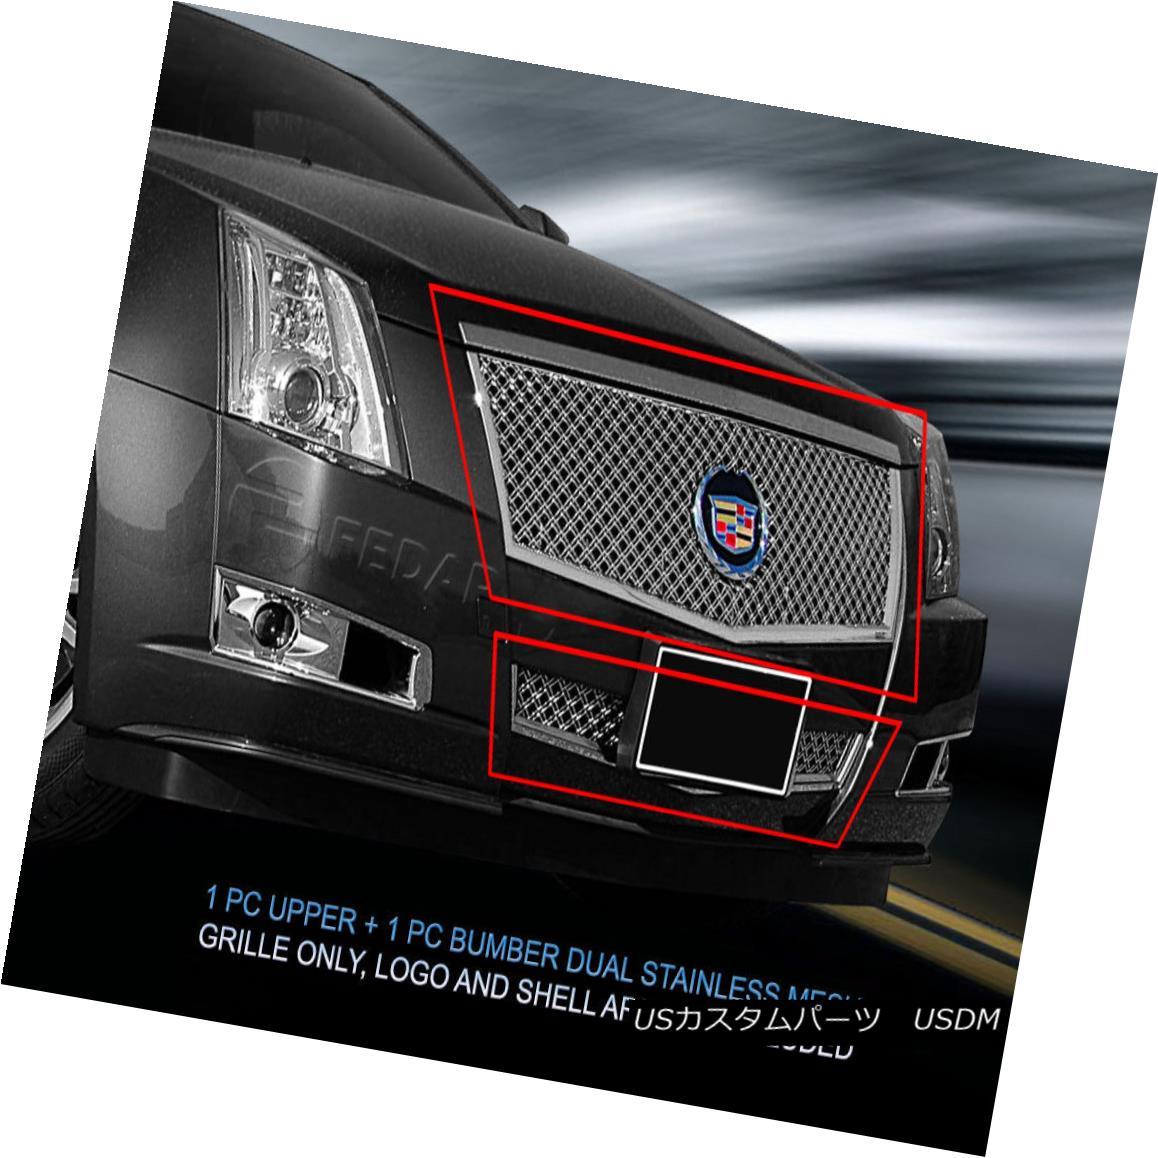 グリル Fedar Fits 08-13 Cadillac CTS Polished Mesh Grille Combo Insert Fedar Fits 08-13 Cadillac CTS Polished Mesh Grilleコンボインサート